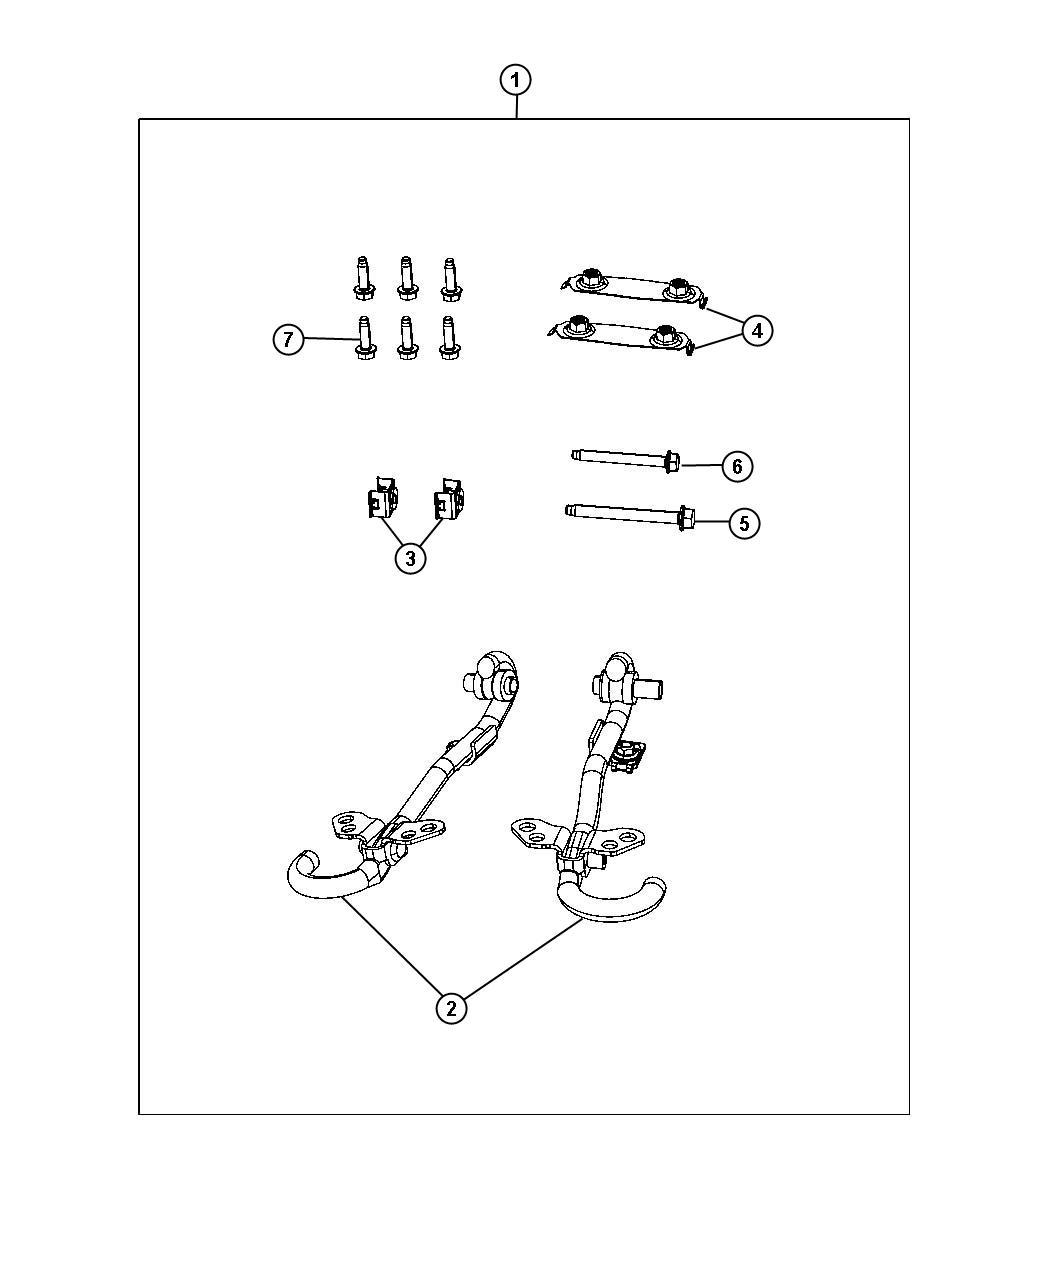 Кузов. Устанавливаем буксирные крюки на FD I (или хочу быть FD II) I2291098